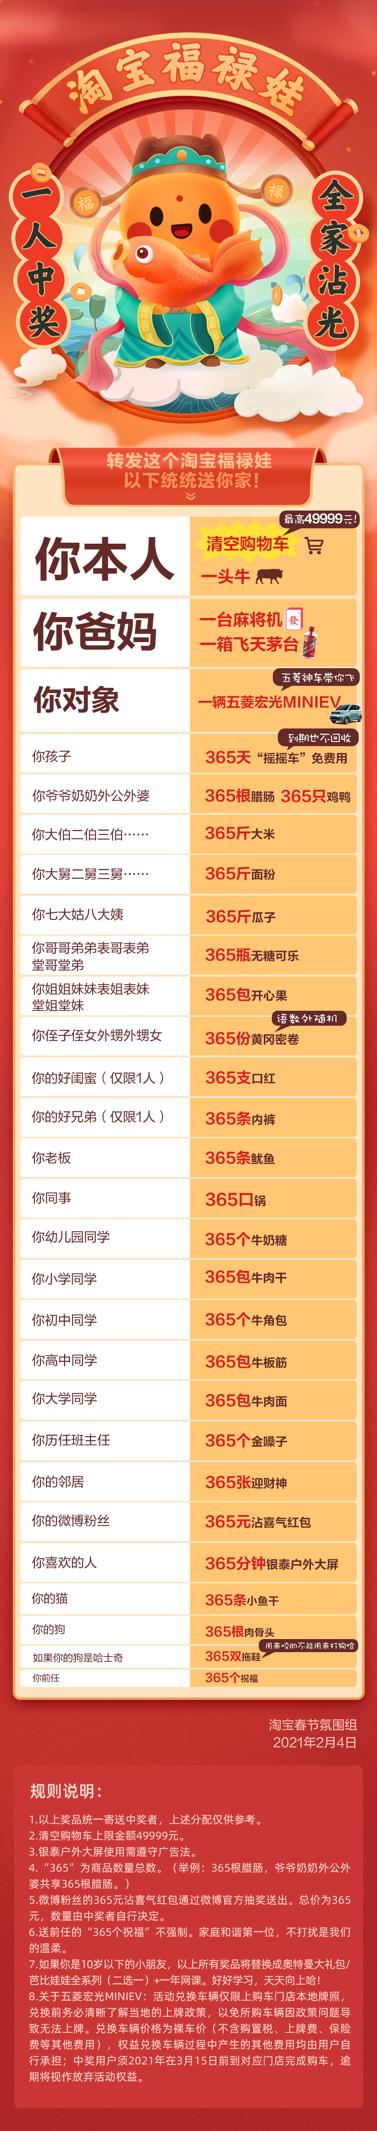 """淘宝春节氛围组启动年度锦鲤""""淘宝福禄娃"""" 一人中奖全家沾光插图4"""